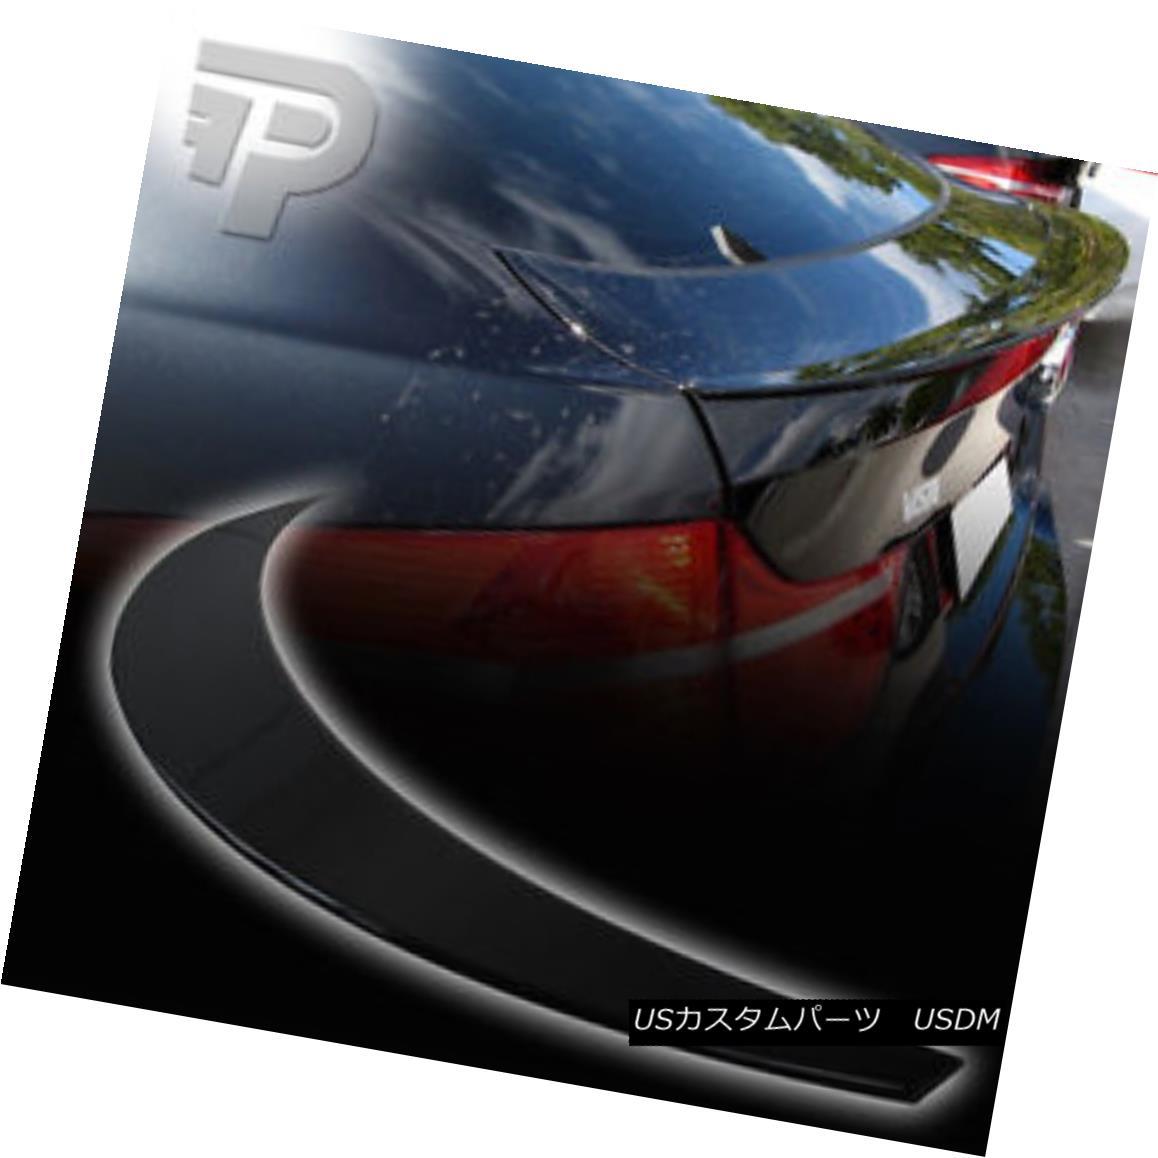 エアロパーツ PAINTED BMW X6 E71 REAR TRUNK BOOT SPOILER P PERFORMANCE STYLE 668 BLACK ▼ 塗装BMW X6 E71リアトランクブーツスポイラーPパフォーマンススタイル668ブラック?